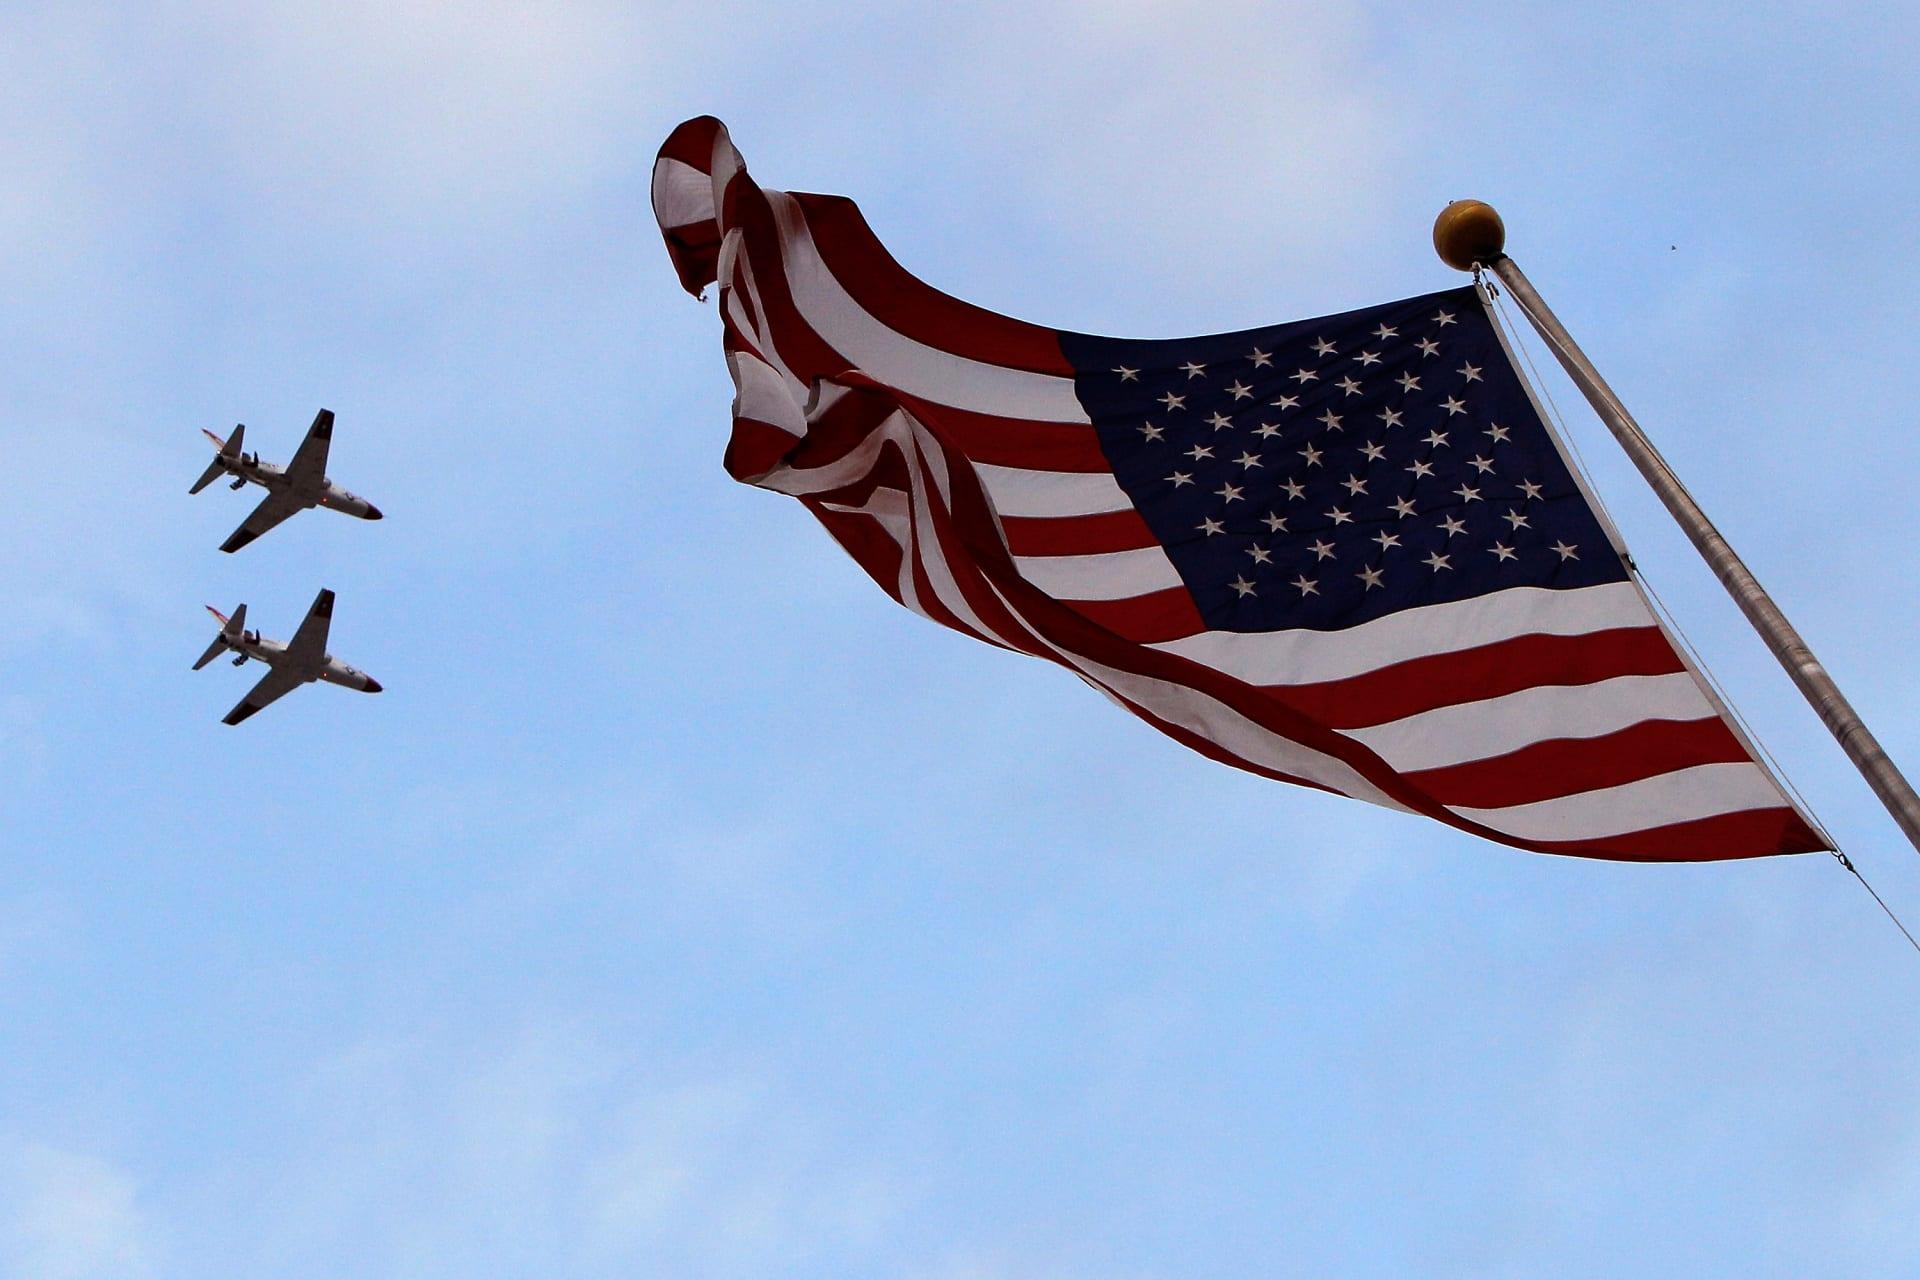 سلاح الجو الأمريكي يحقق مع 10 ضباط حول حيازة مخدرات